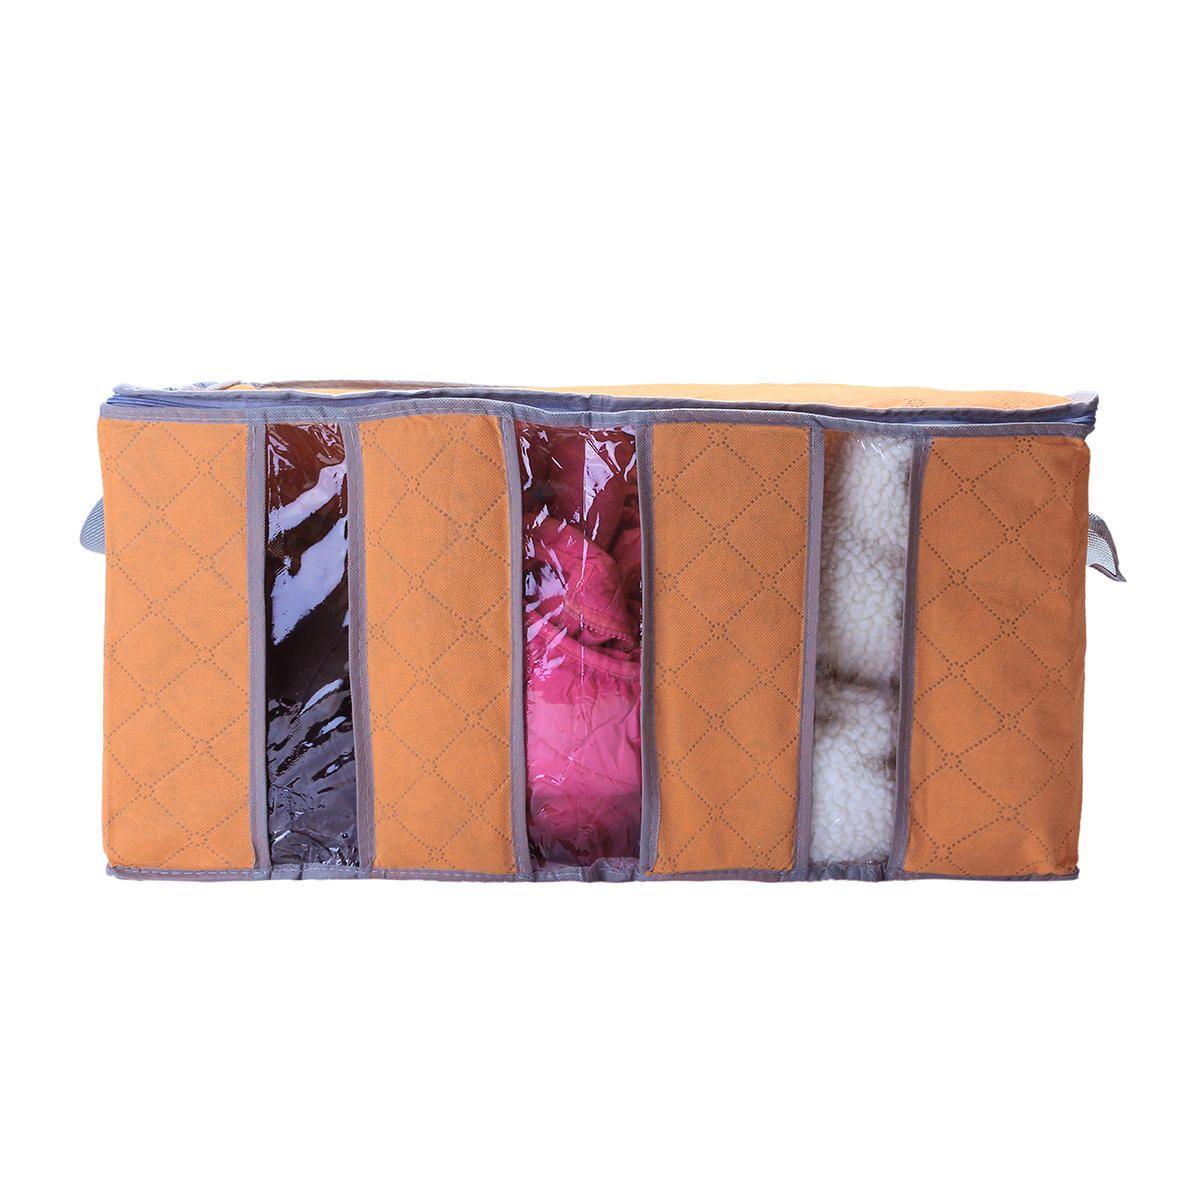 Grosshandel 65l Grossere Faltbare Kleiderschrank Aufbewahrungstasche Kleidung Decke Kissen Quilt Schrank Pullover Box Beutel Organisieren